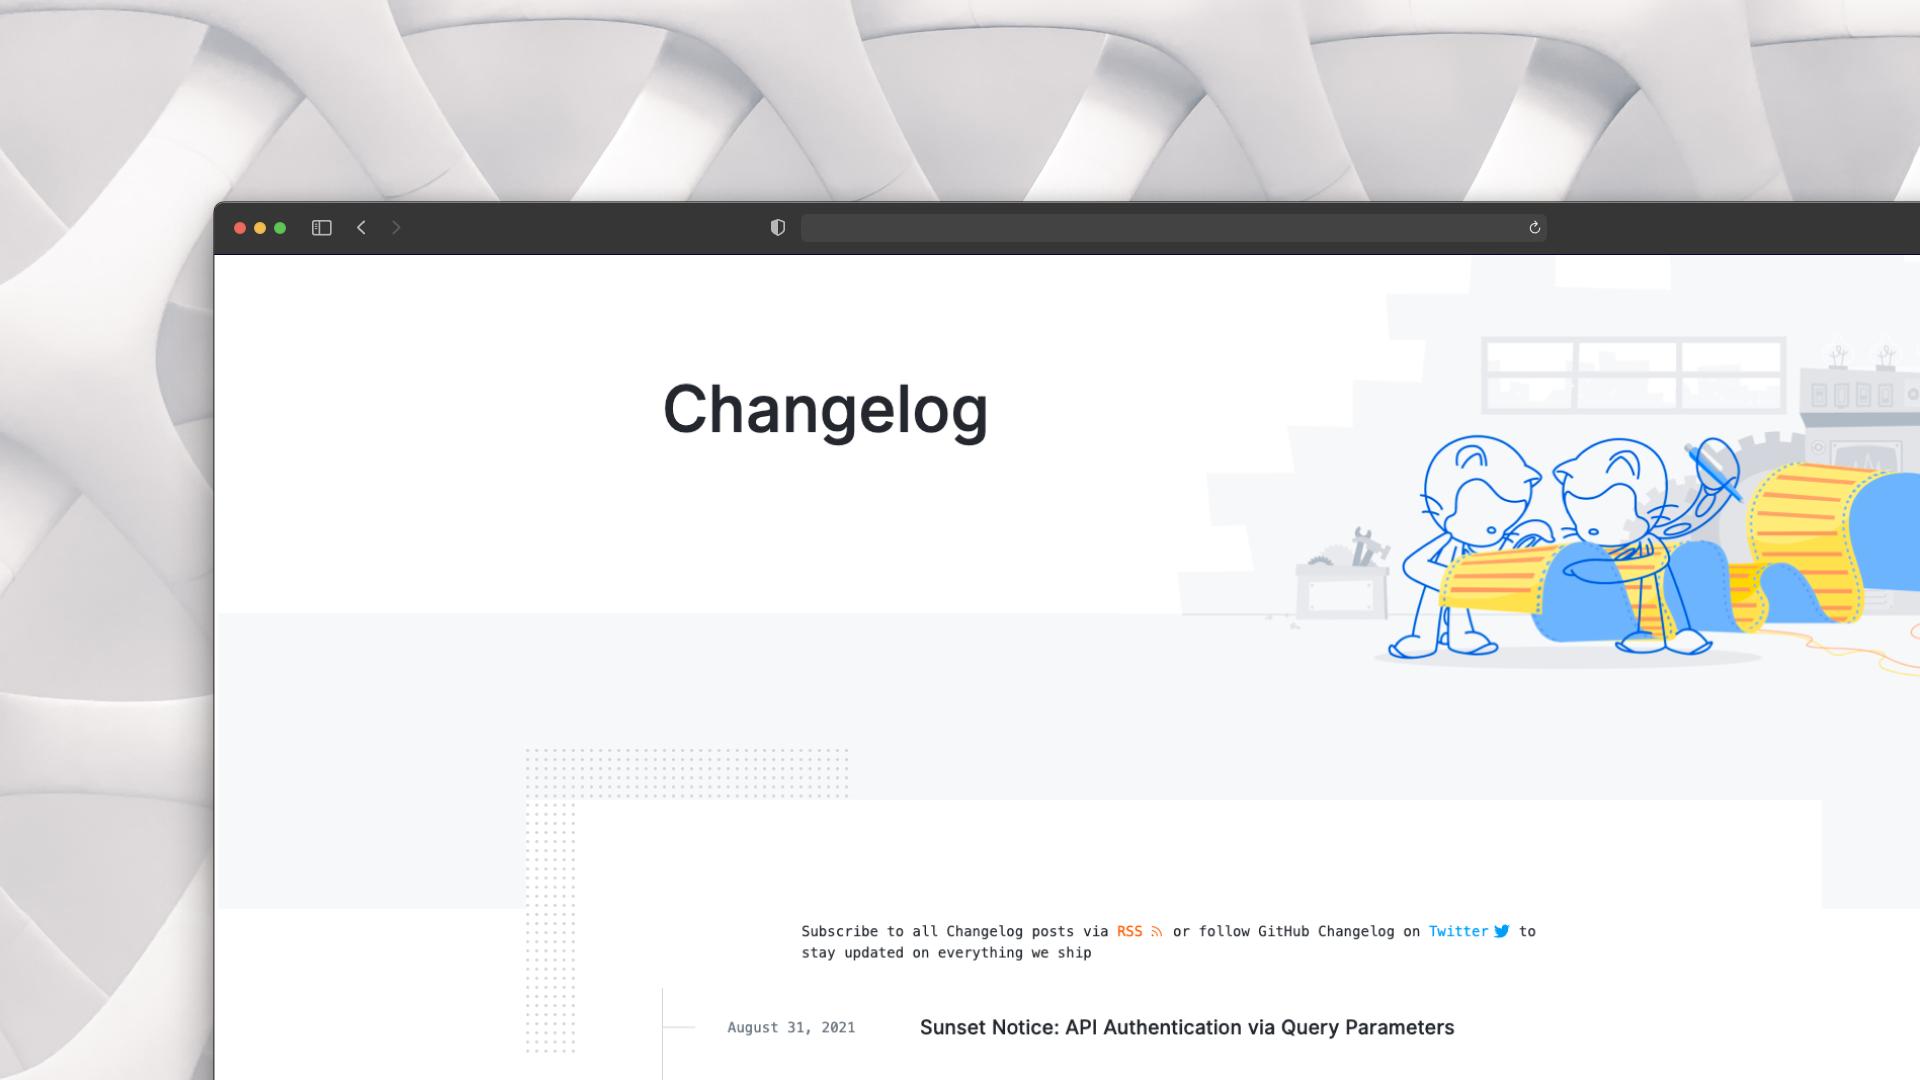 Github Changelog Screenshot